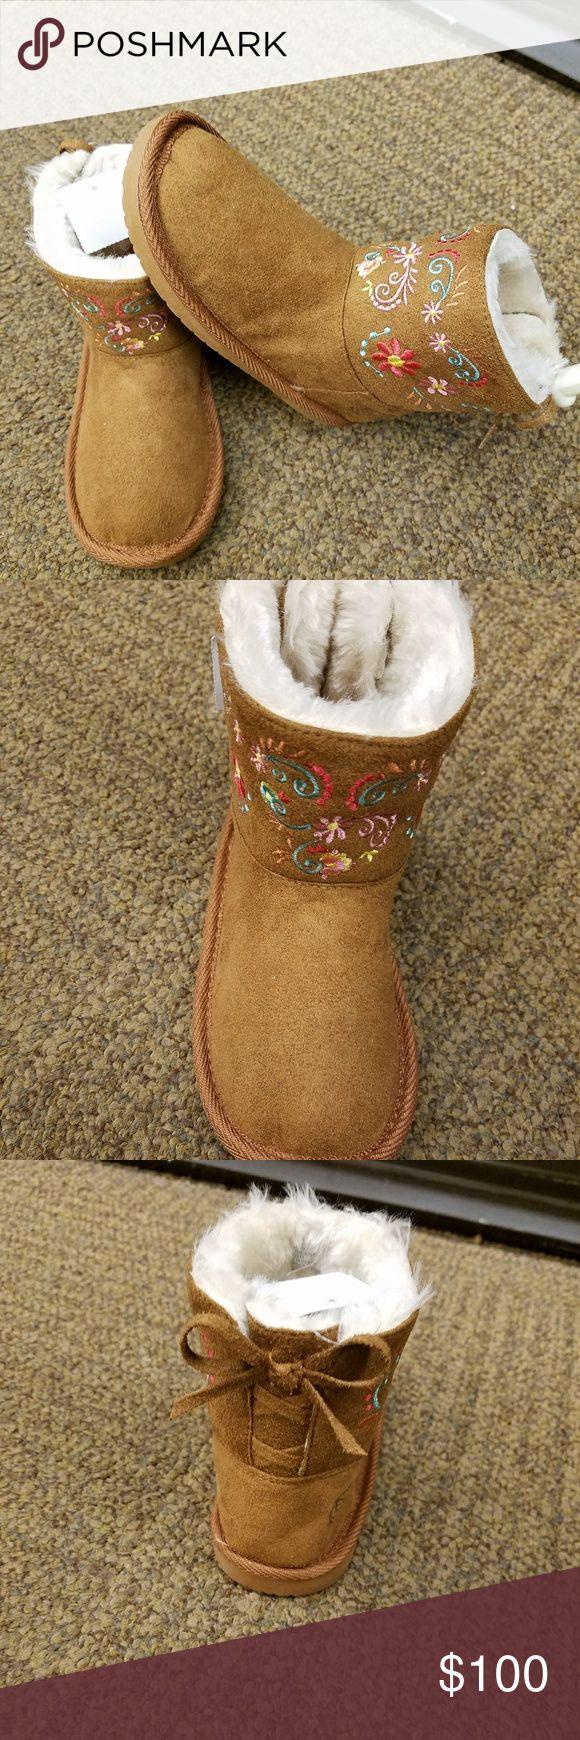 Winter boot for kids Brown winter boots for kids Elena Grunert Shoes Rain & Snow Boots